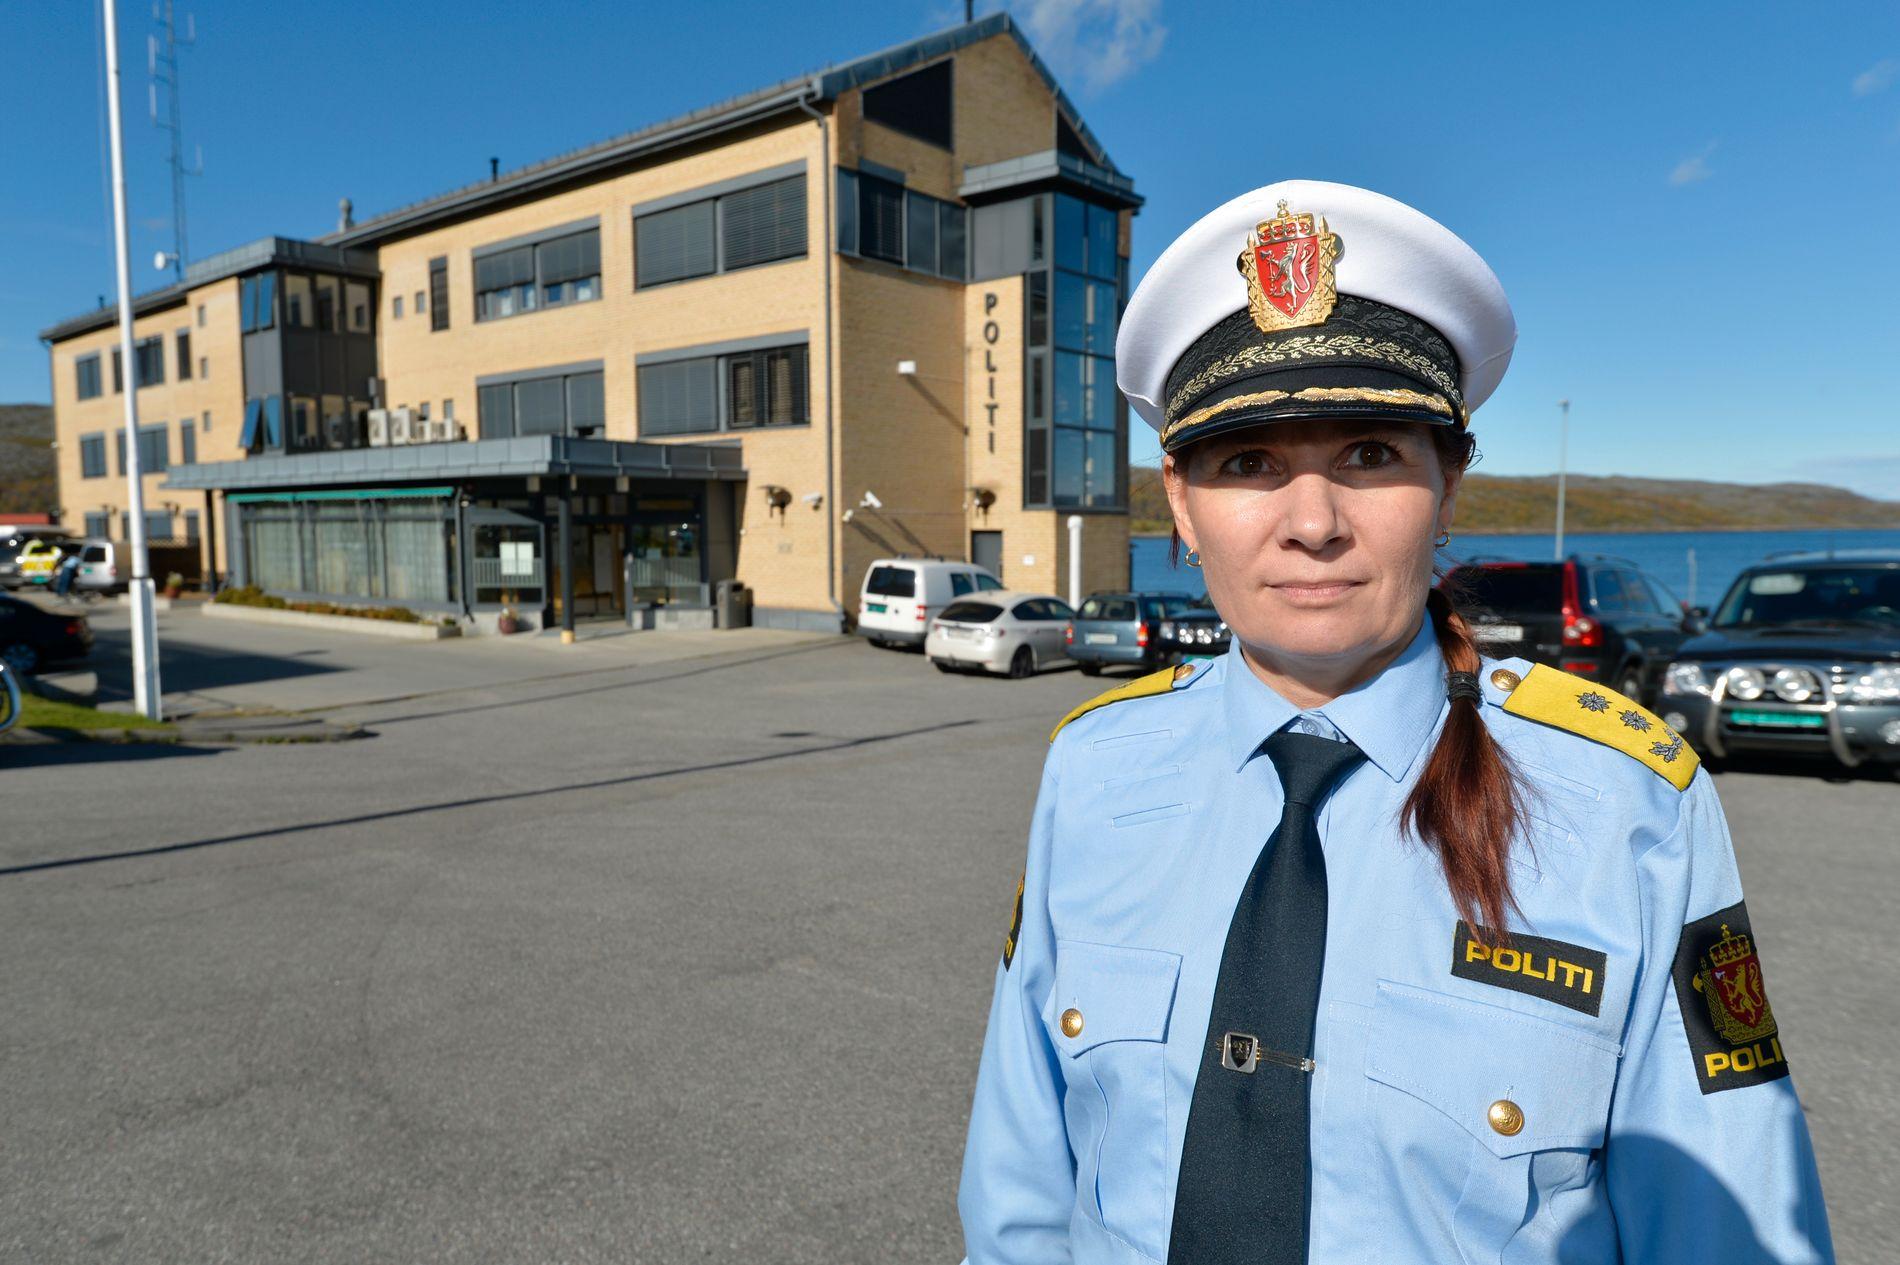 GJORDE DET VI KUNNE: - Ut fra den innsikten vi hadde i kvinnens sak på fredag, så kunne ikke vi gjort noe annet enn det vi gjorde, sier politimester Ellen Katrine Hætta til VG.